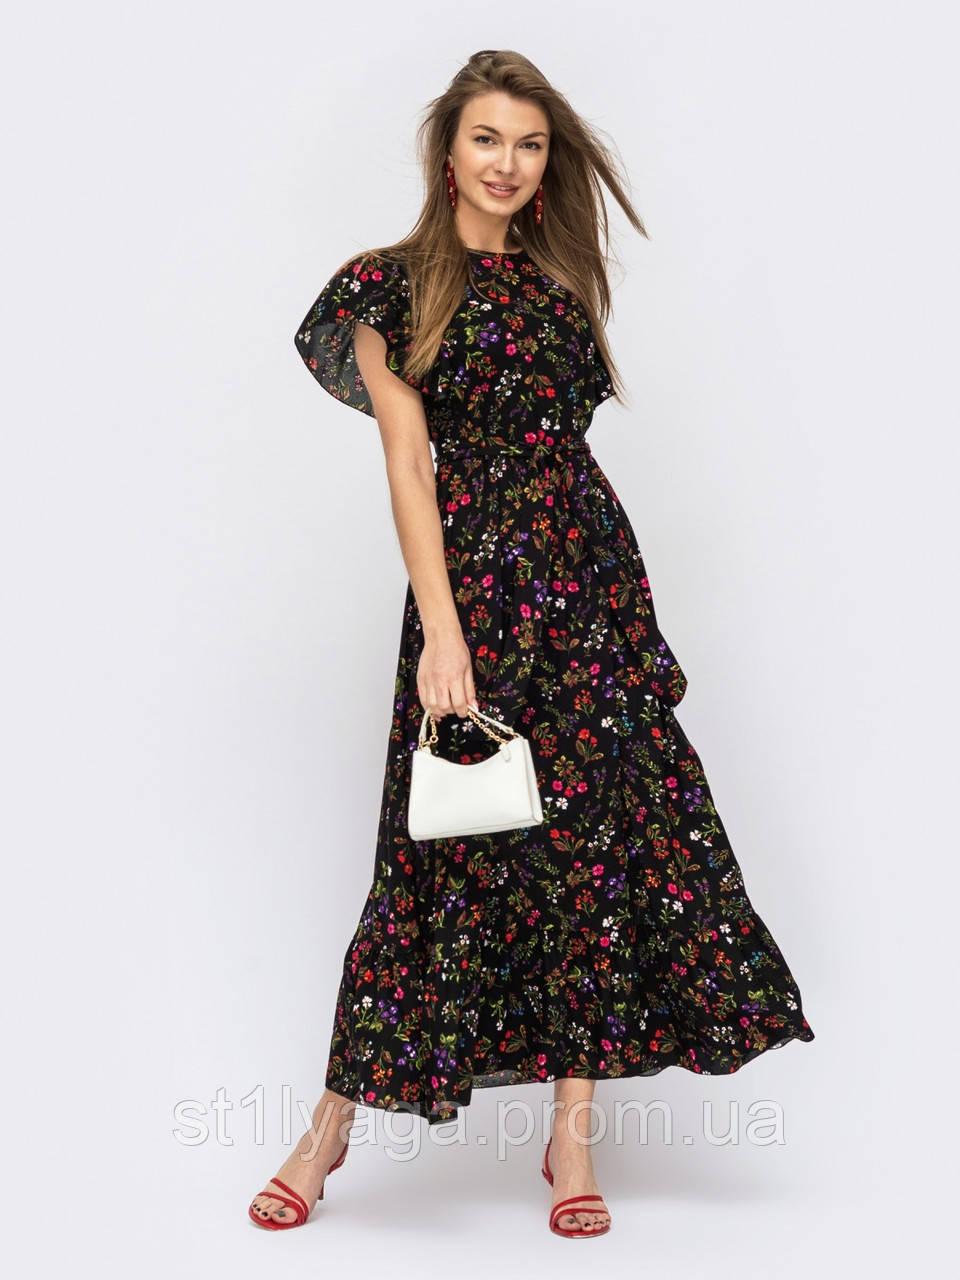 Довга сукня в квітковому принте ЛІТО